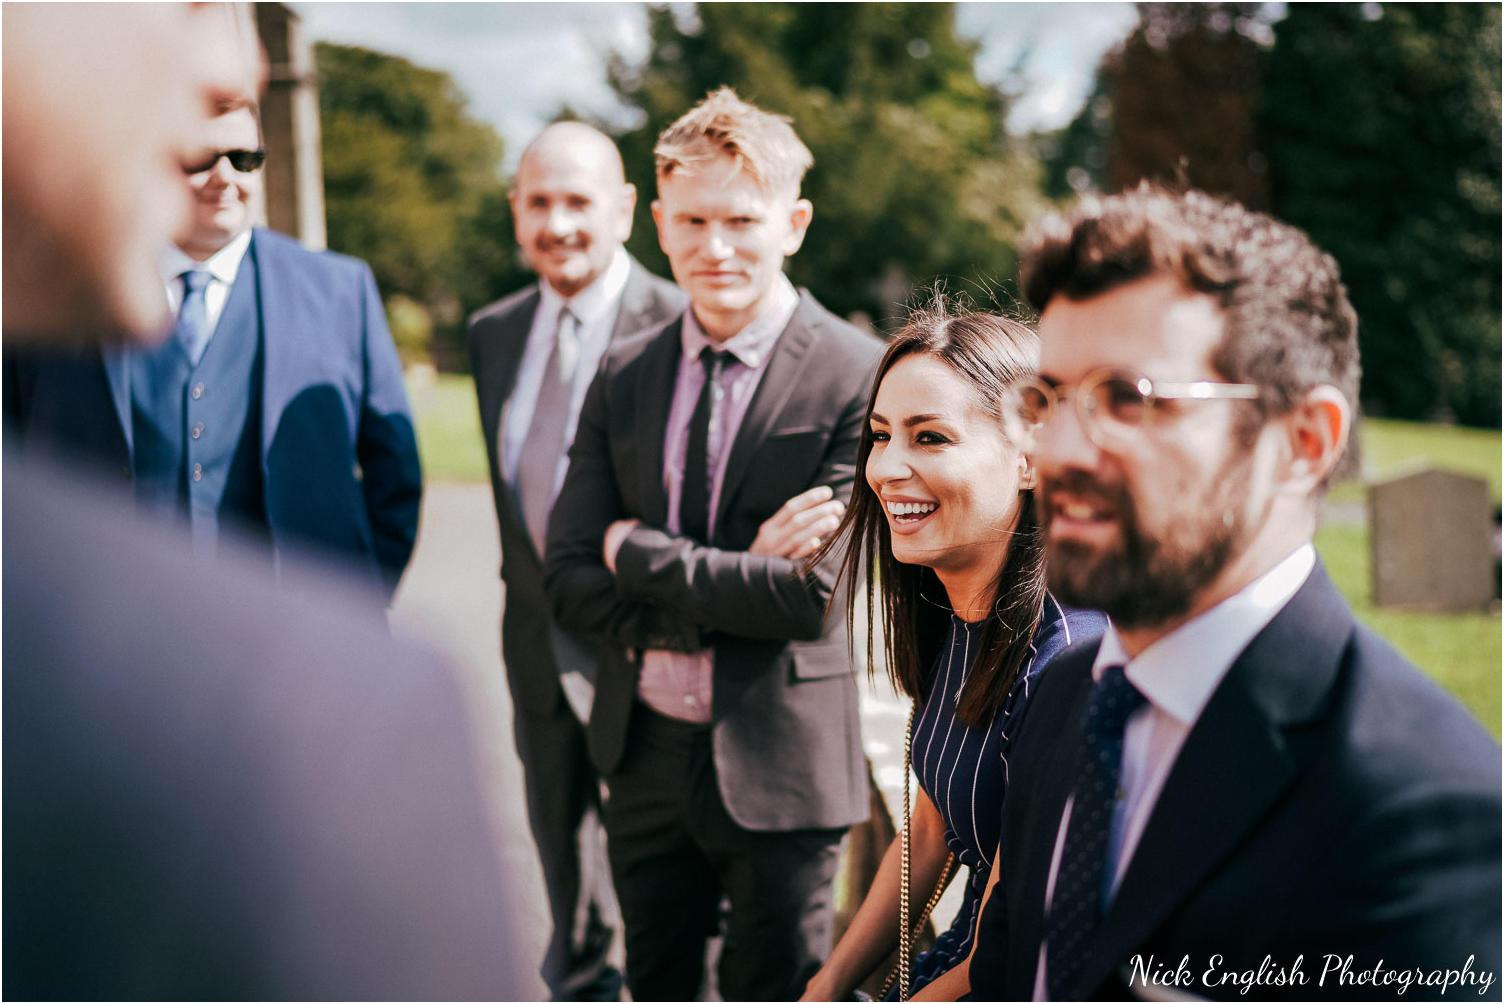 Browsholme_Hall_Barn_Wedding_Nick_English_Photography-24.jpg